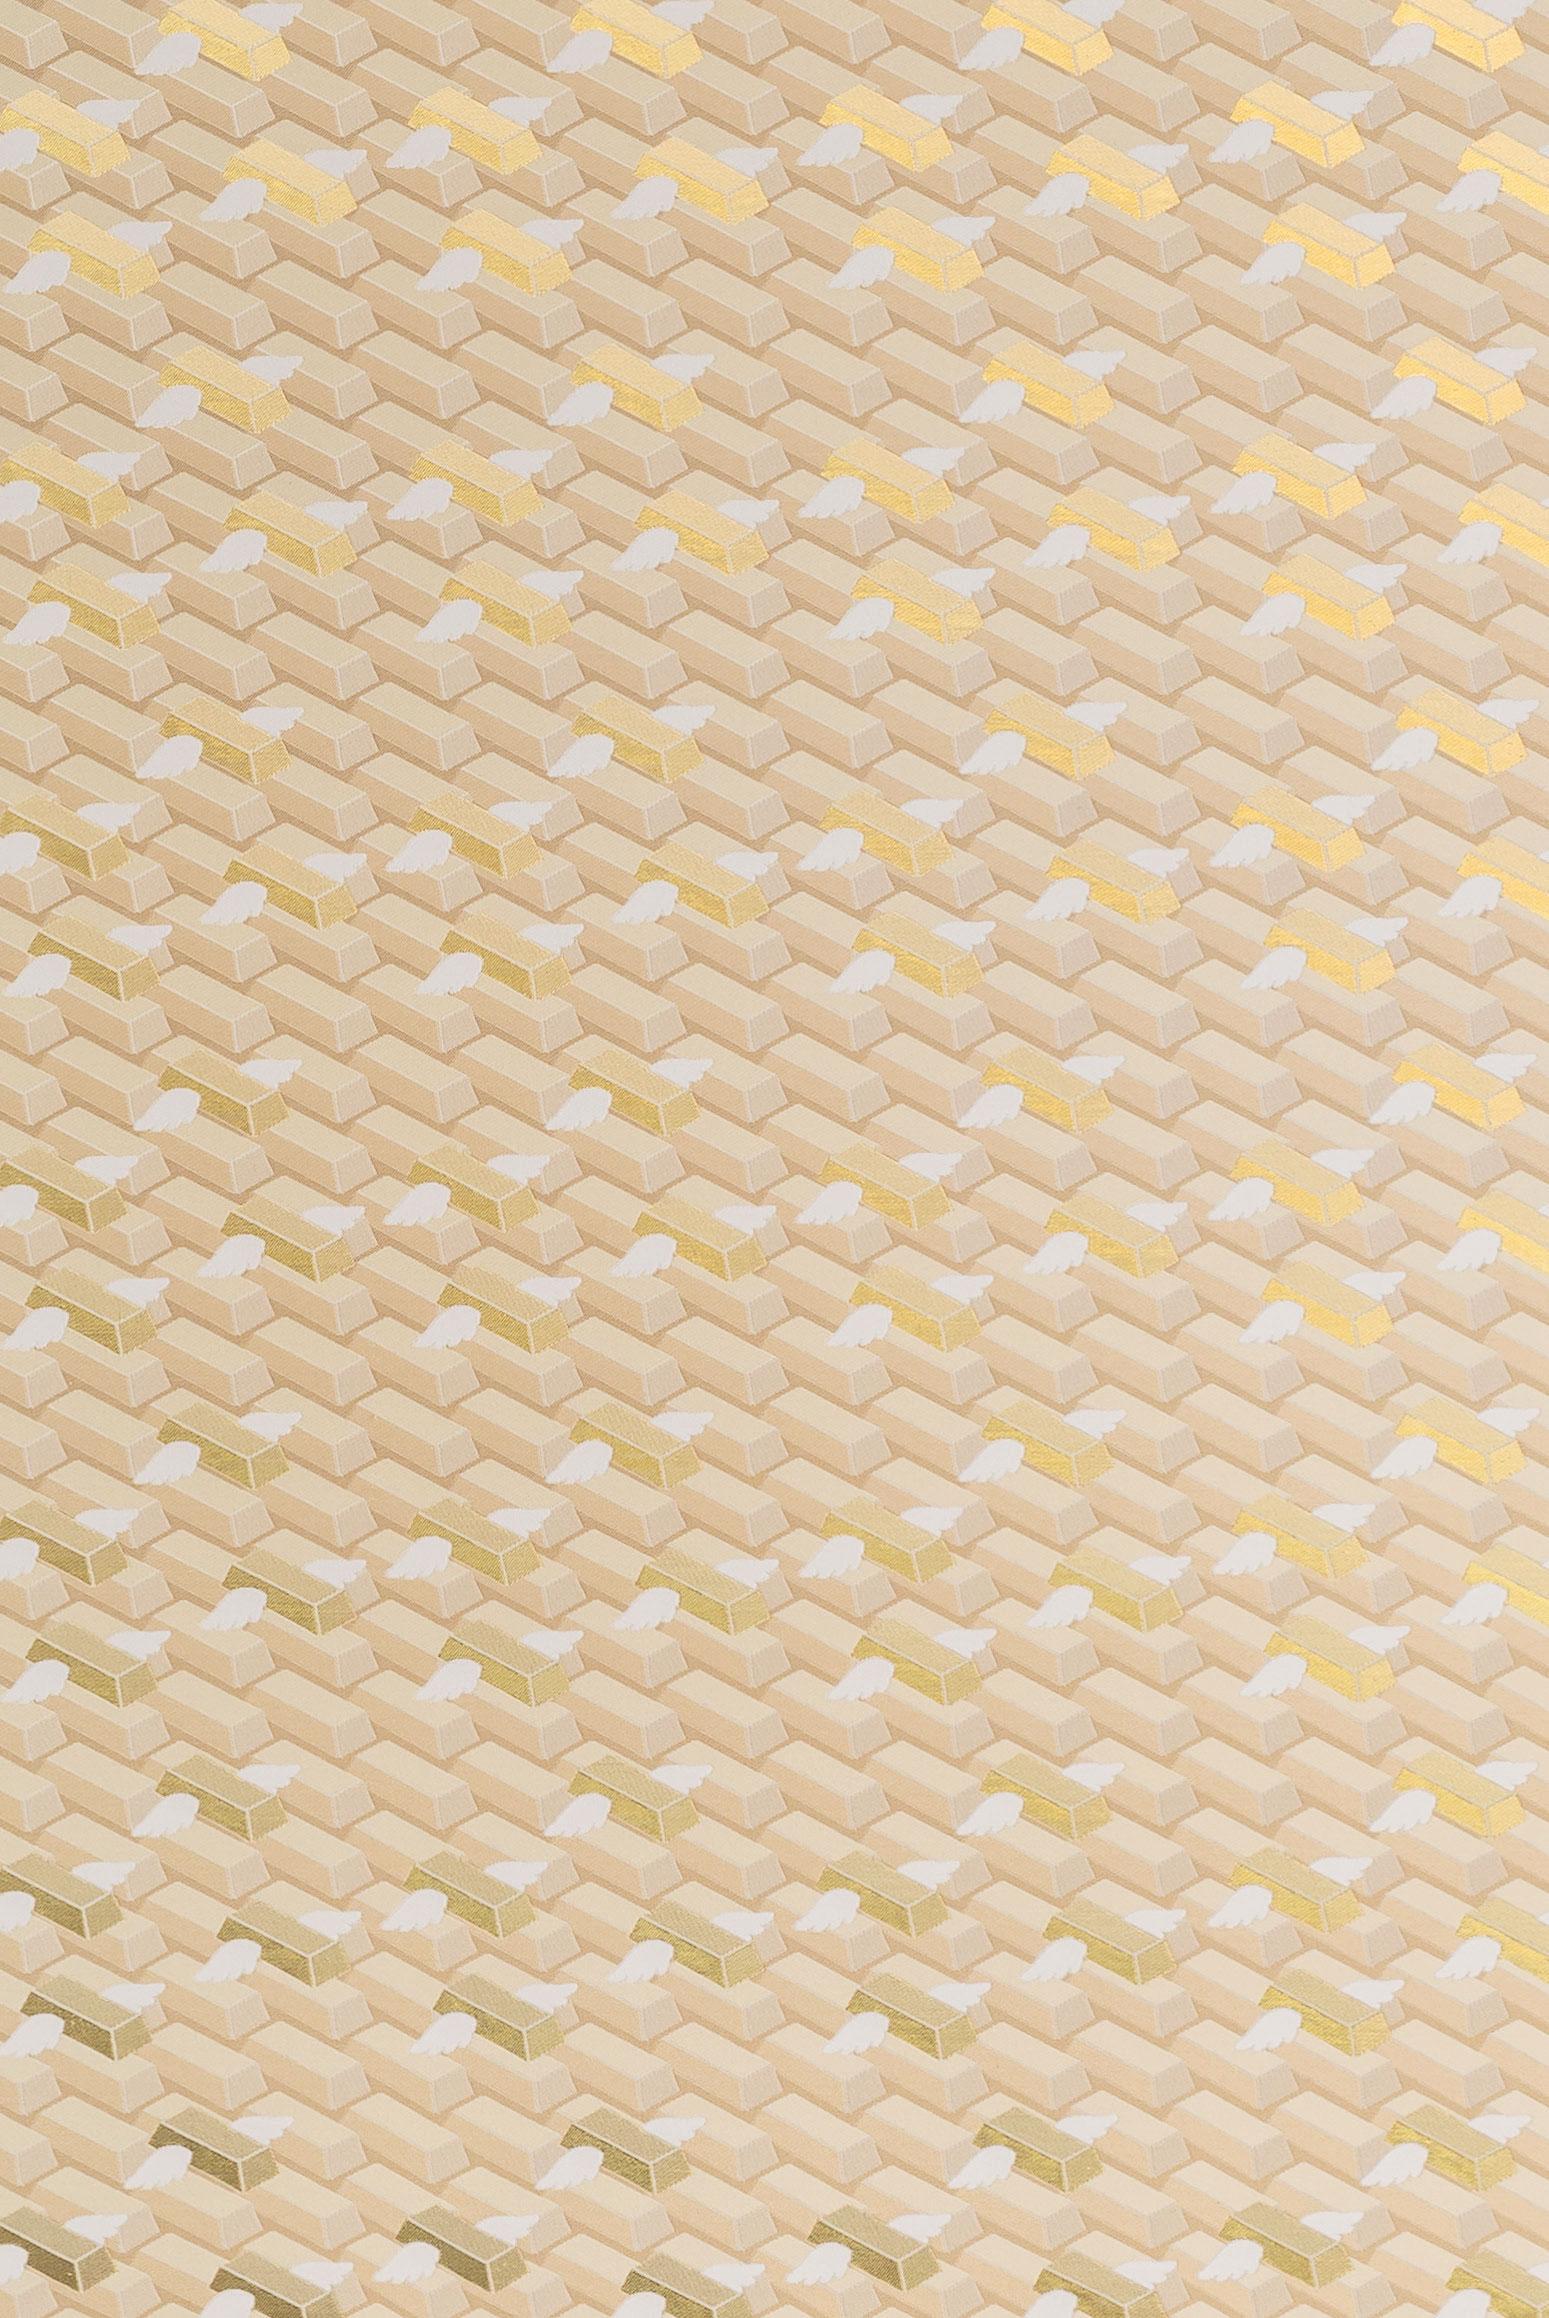 GOD project by Alberto Biagetti and Laura Baldassari curated by Maria Cristina Didero. Lingotti volanti #1: Silk jacquard wall-covering produced by Mantero.-↑↓ 13,5 ↔ 14,5 H.150 cm-↑↓ 5,3 ↔ 5,7 H.59 inches-Photo by Delfino Sisto Legnani, ©Atelier Biagetti.